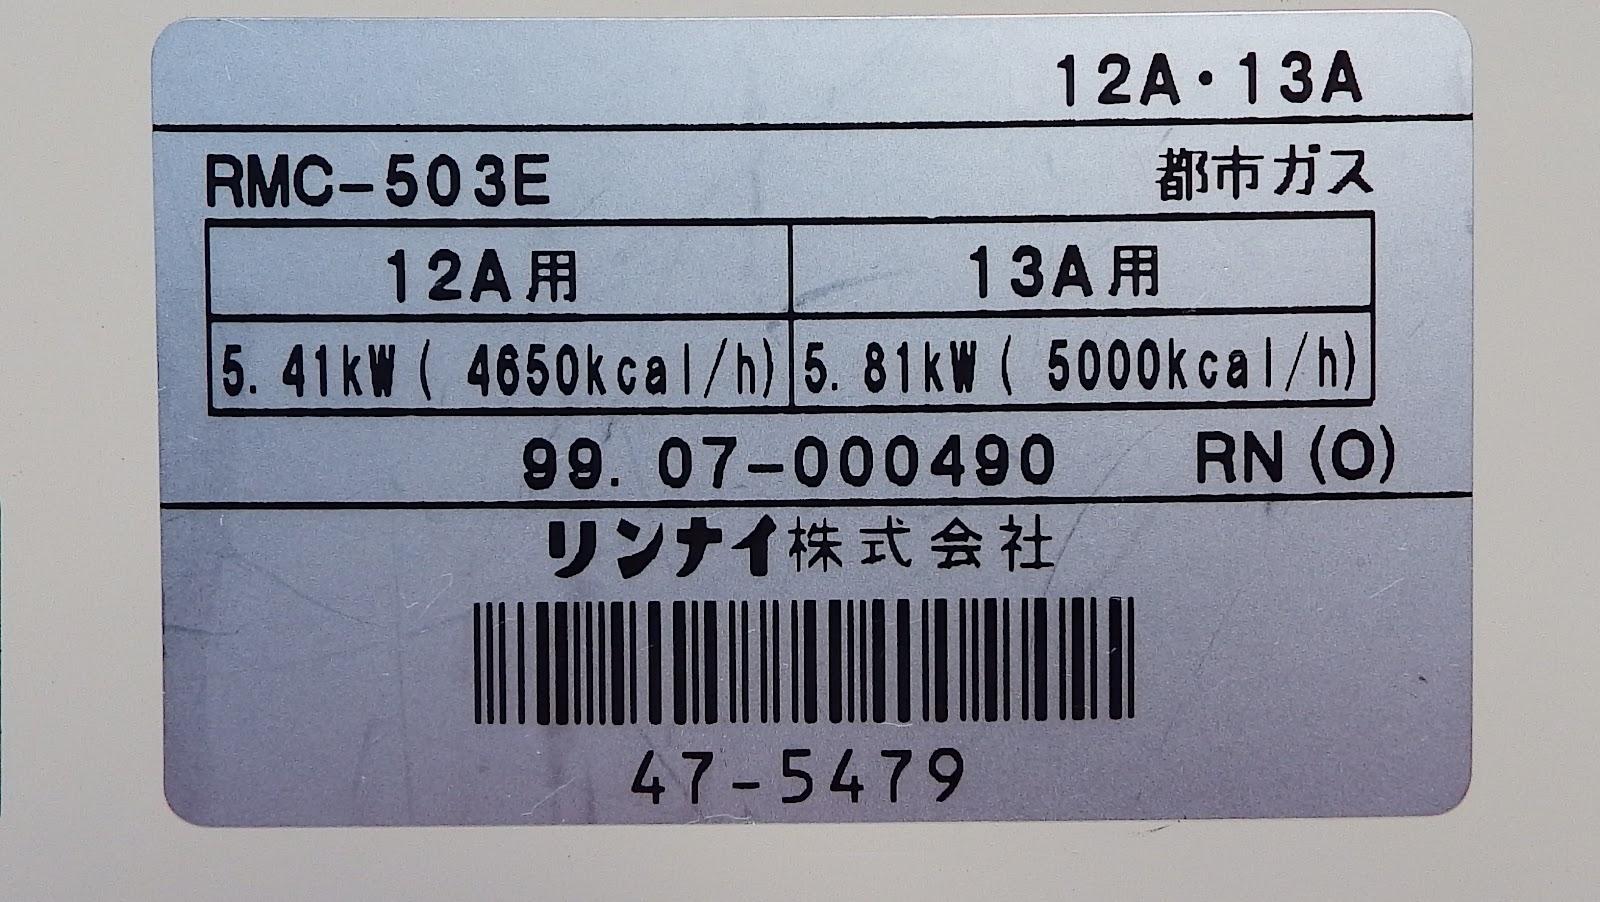 DSCF2453.JPG